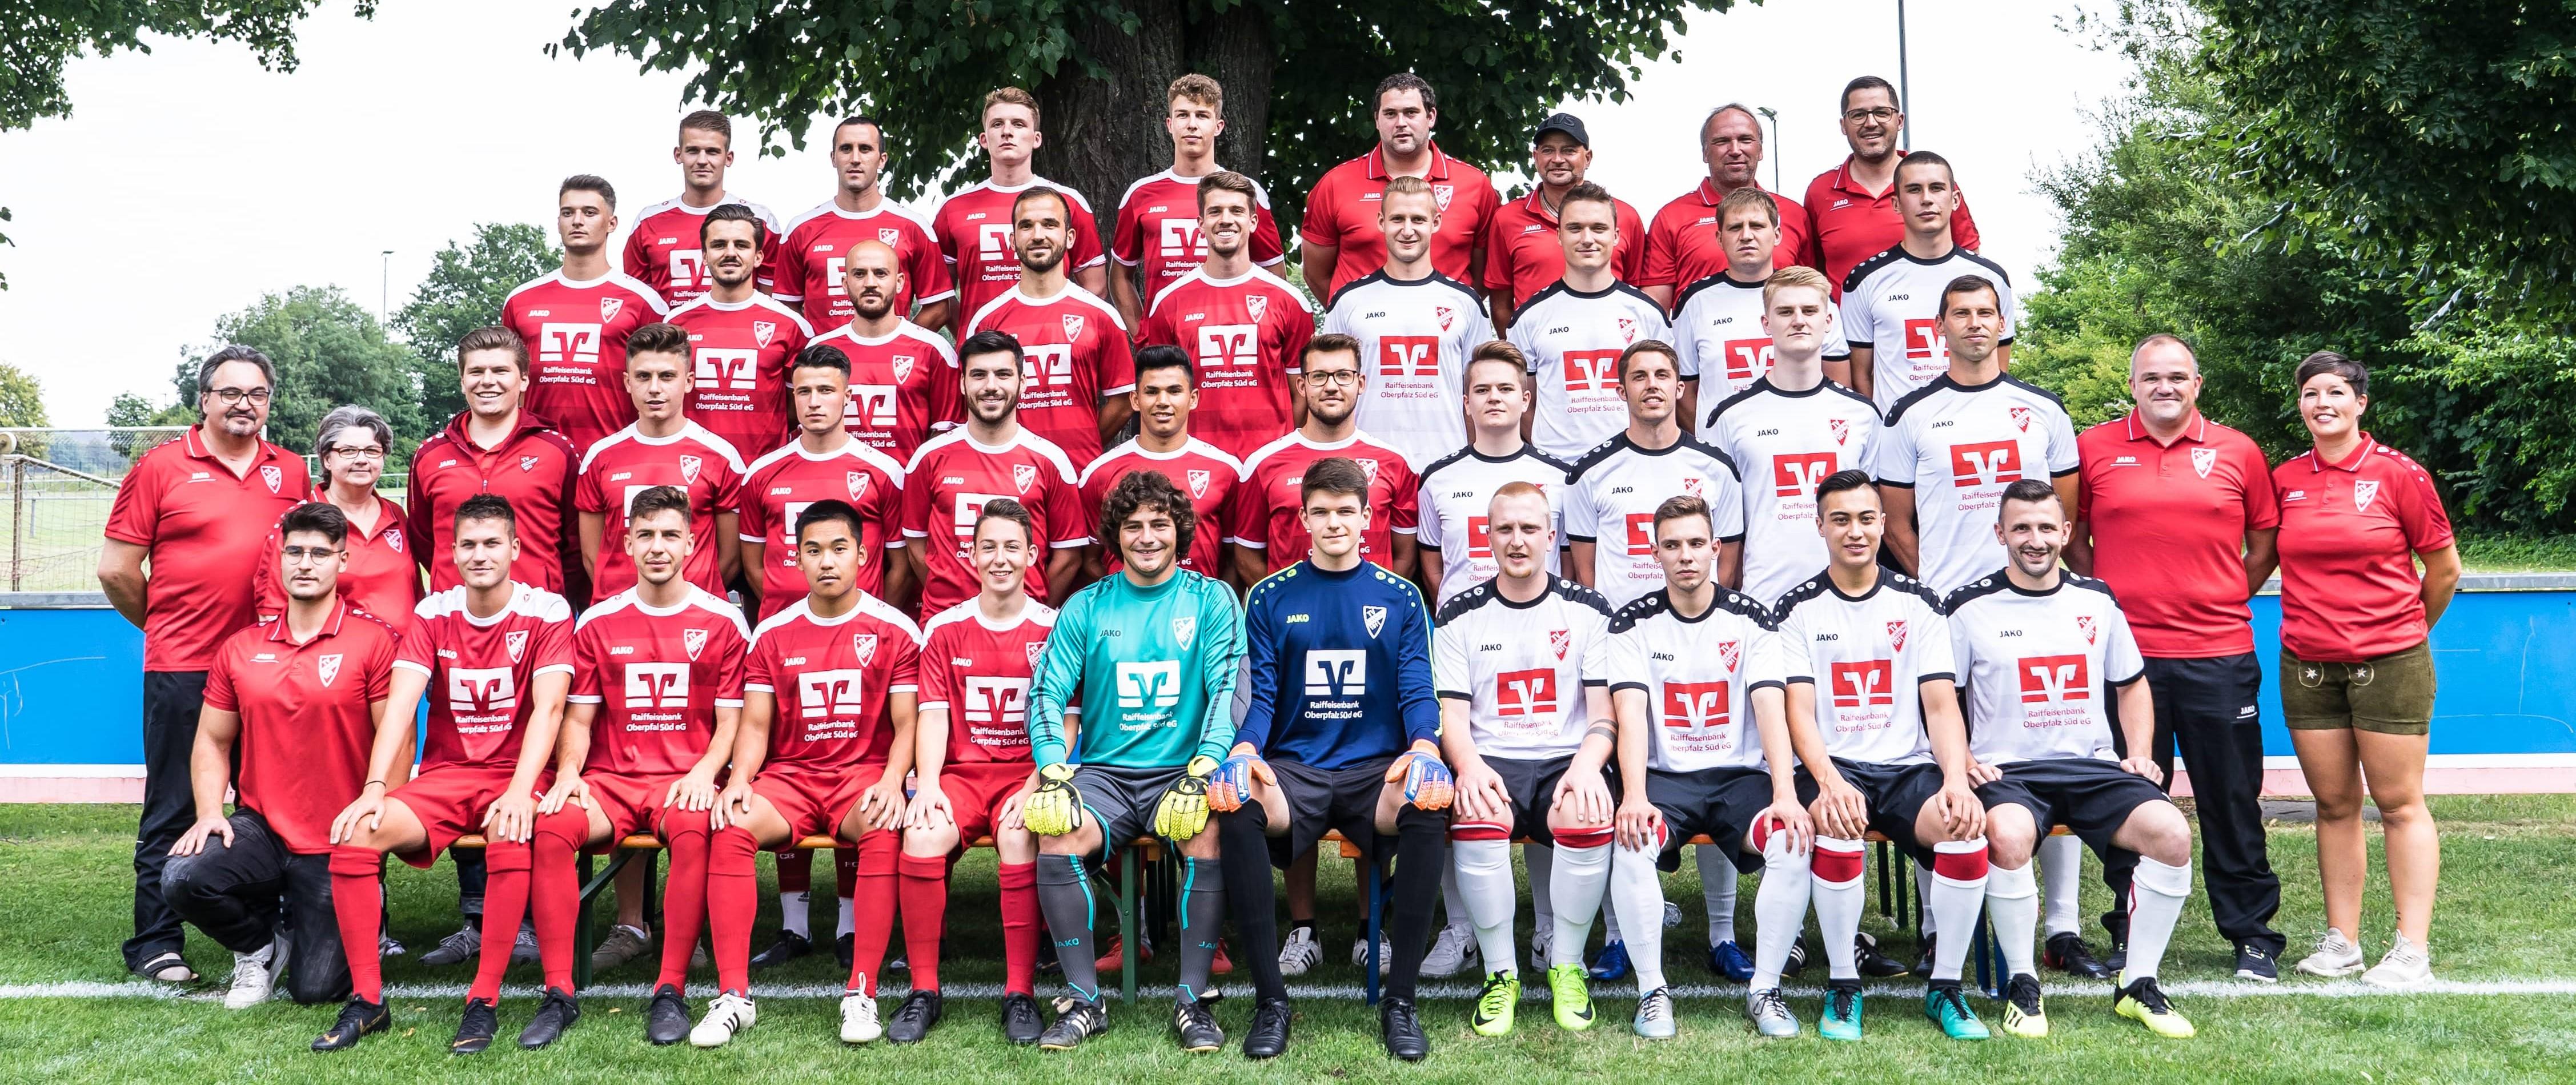 Tv Schierling E V Abteilung Fussball Seit 1919 Tv